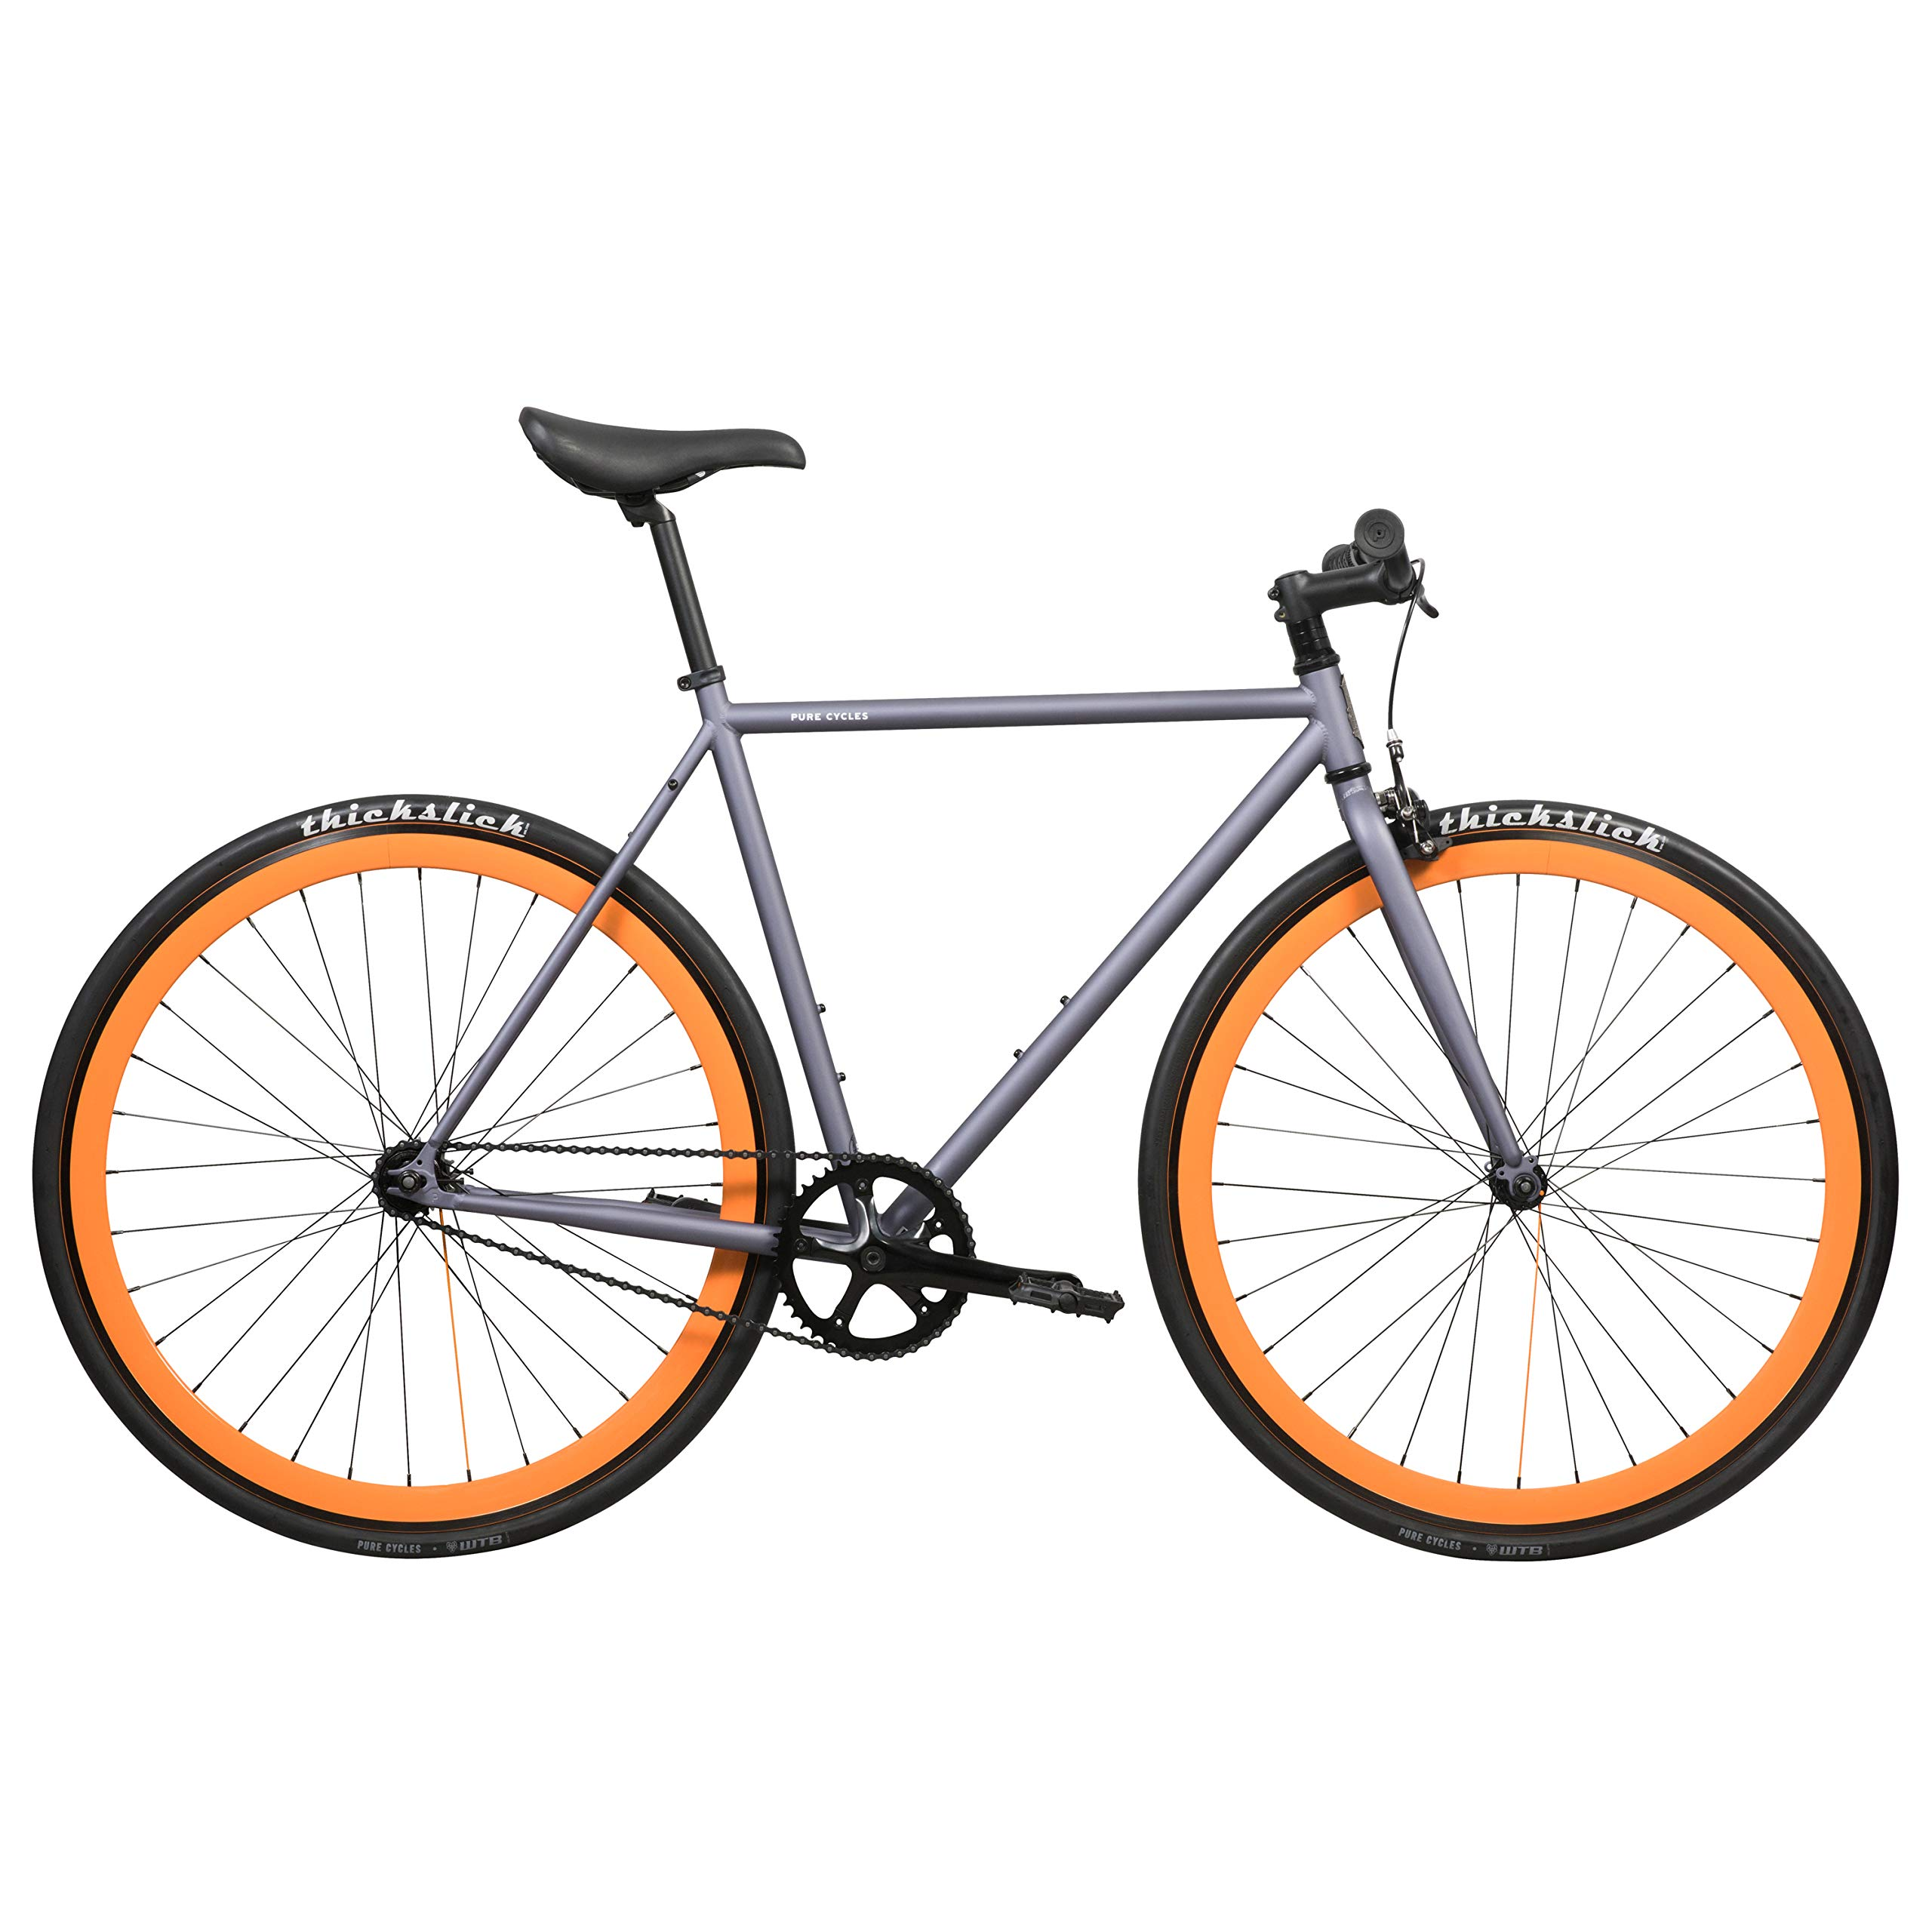 Pure Fix Cycles Fixed Gear Single Speed - Bicicleta, Color Multicolor: Amazon.es: Deportes y aire libre